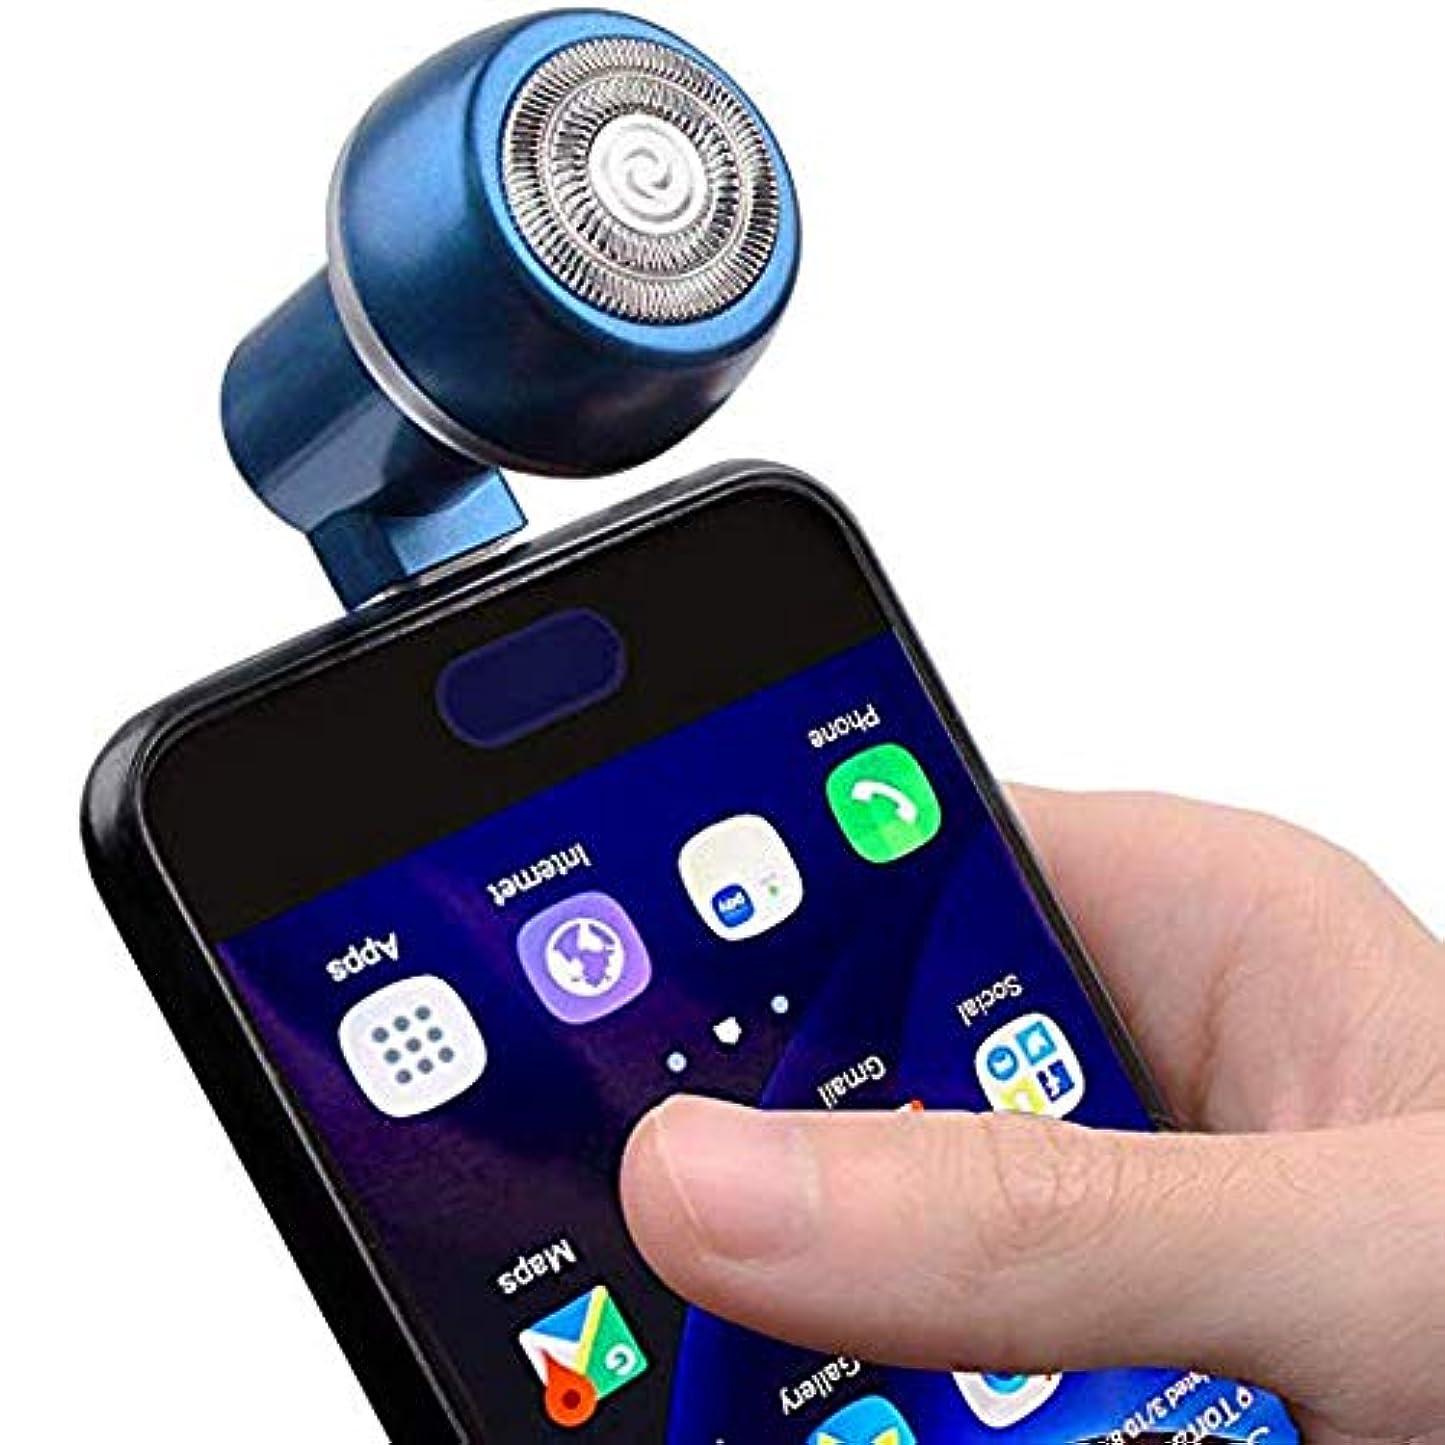 ドールスラッシュ遡るアネラ電気シェーバーかみそり男性女性、旅行ヘアトリマーポータブルミニ磁気吸引電話かみそり(マイクロ+ usb)1ピース